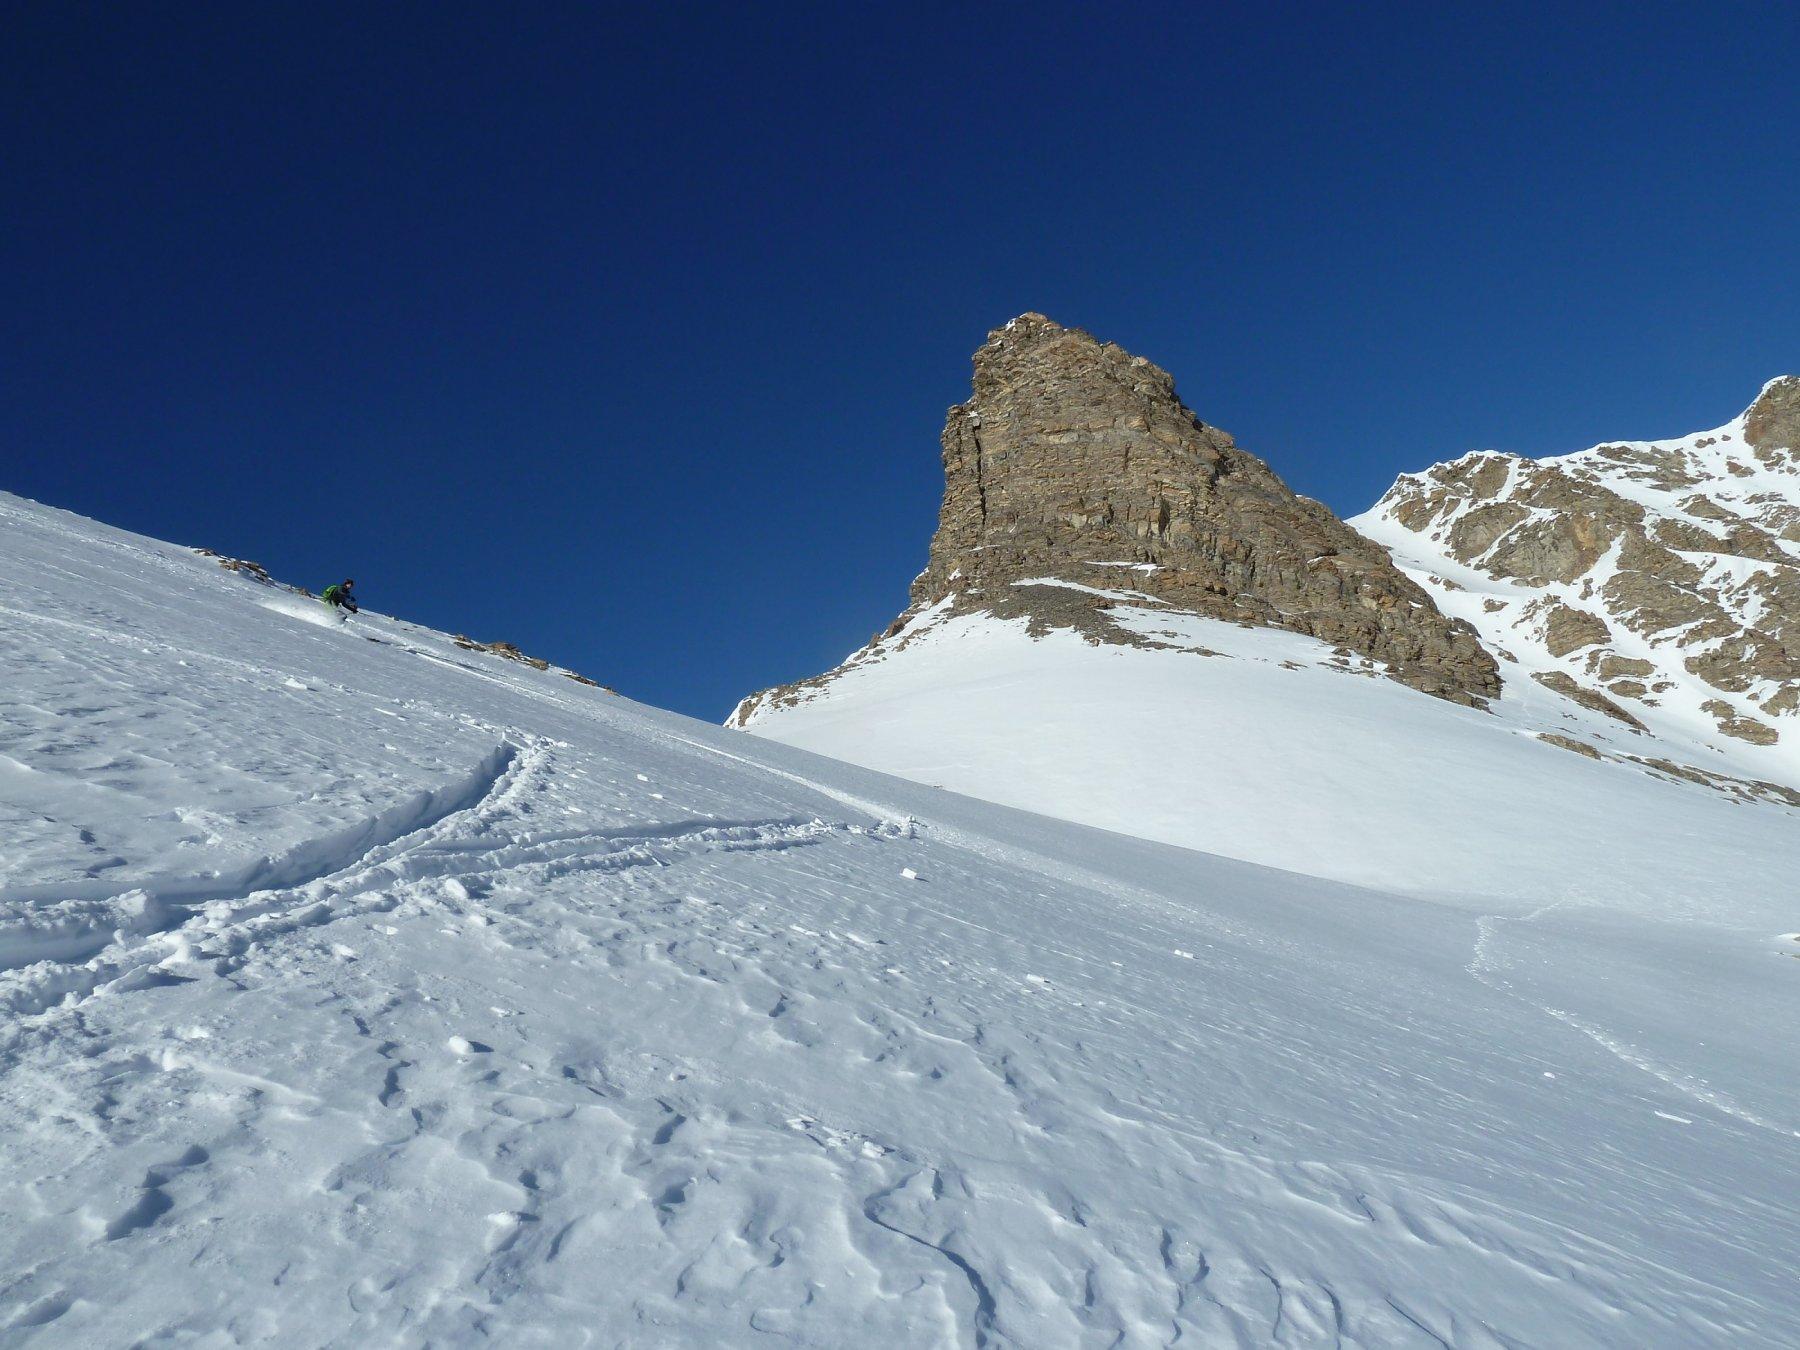 bella neve fin dalle prime curve